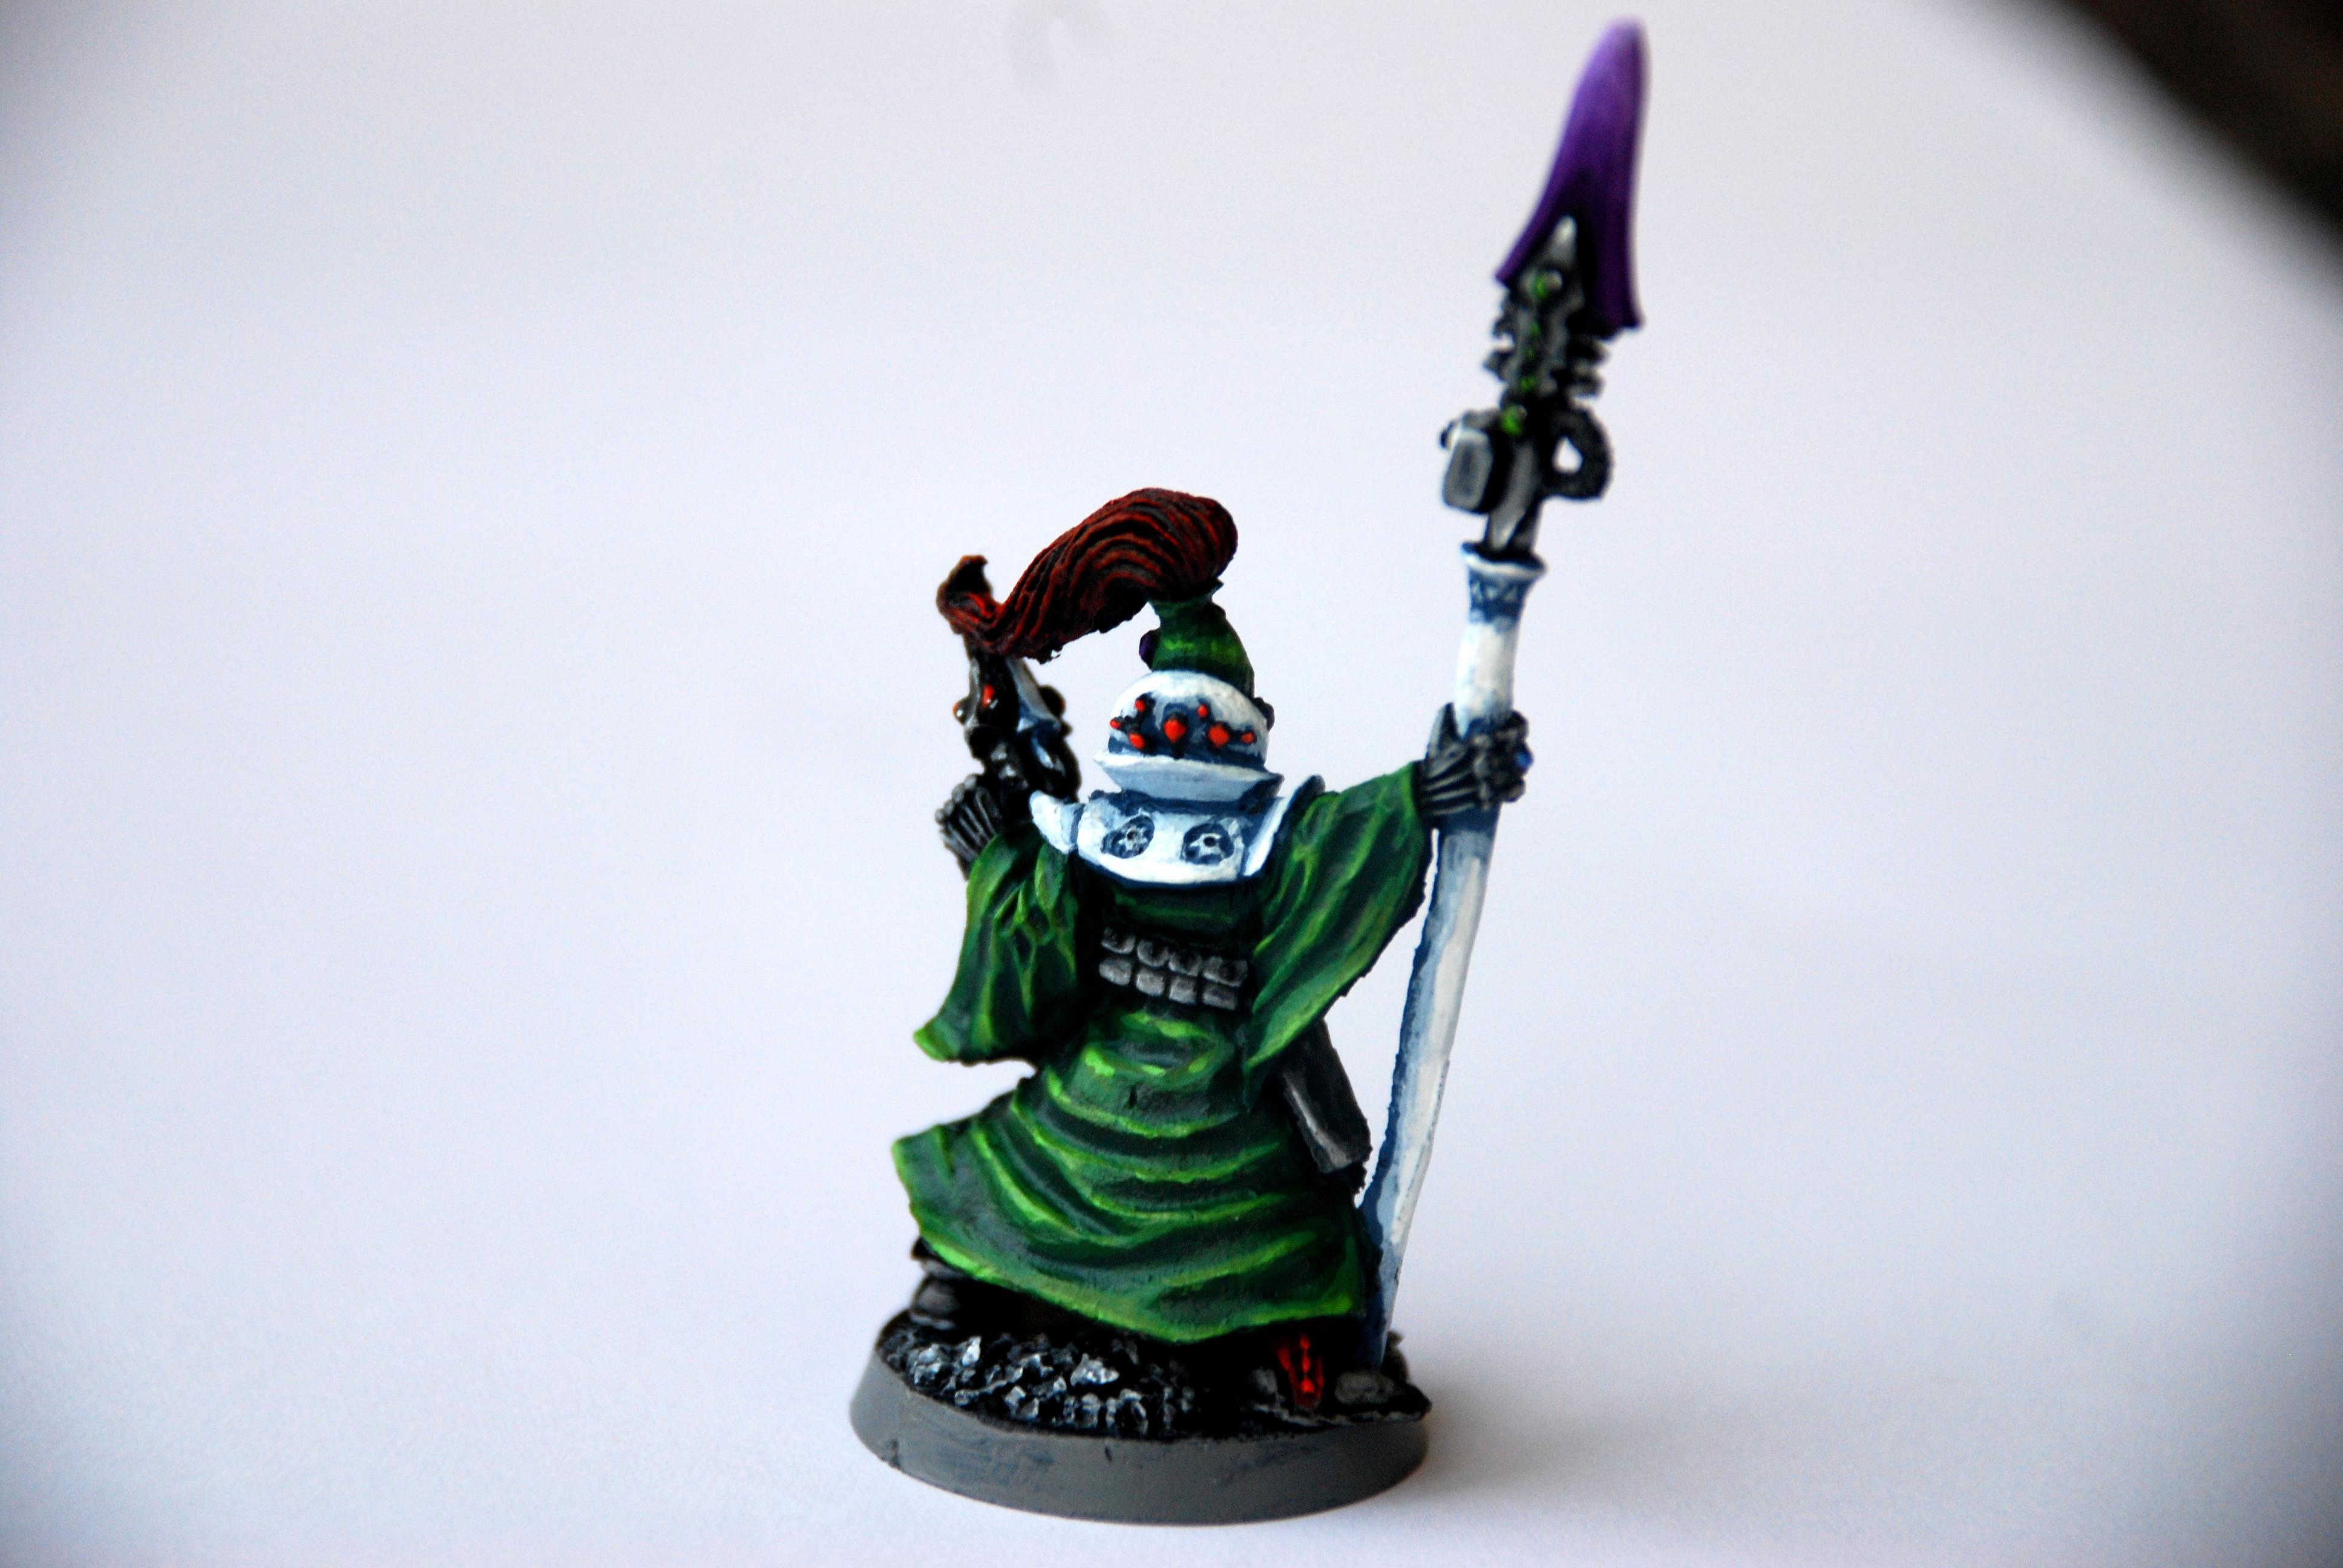 Eldar, Green, Headquarters, Spear, Troops, Warhammer 40,000, Warlock